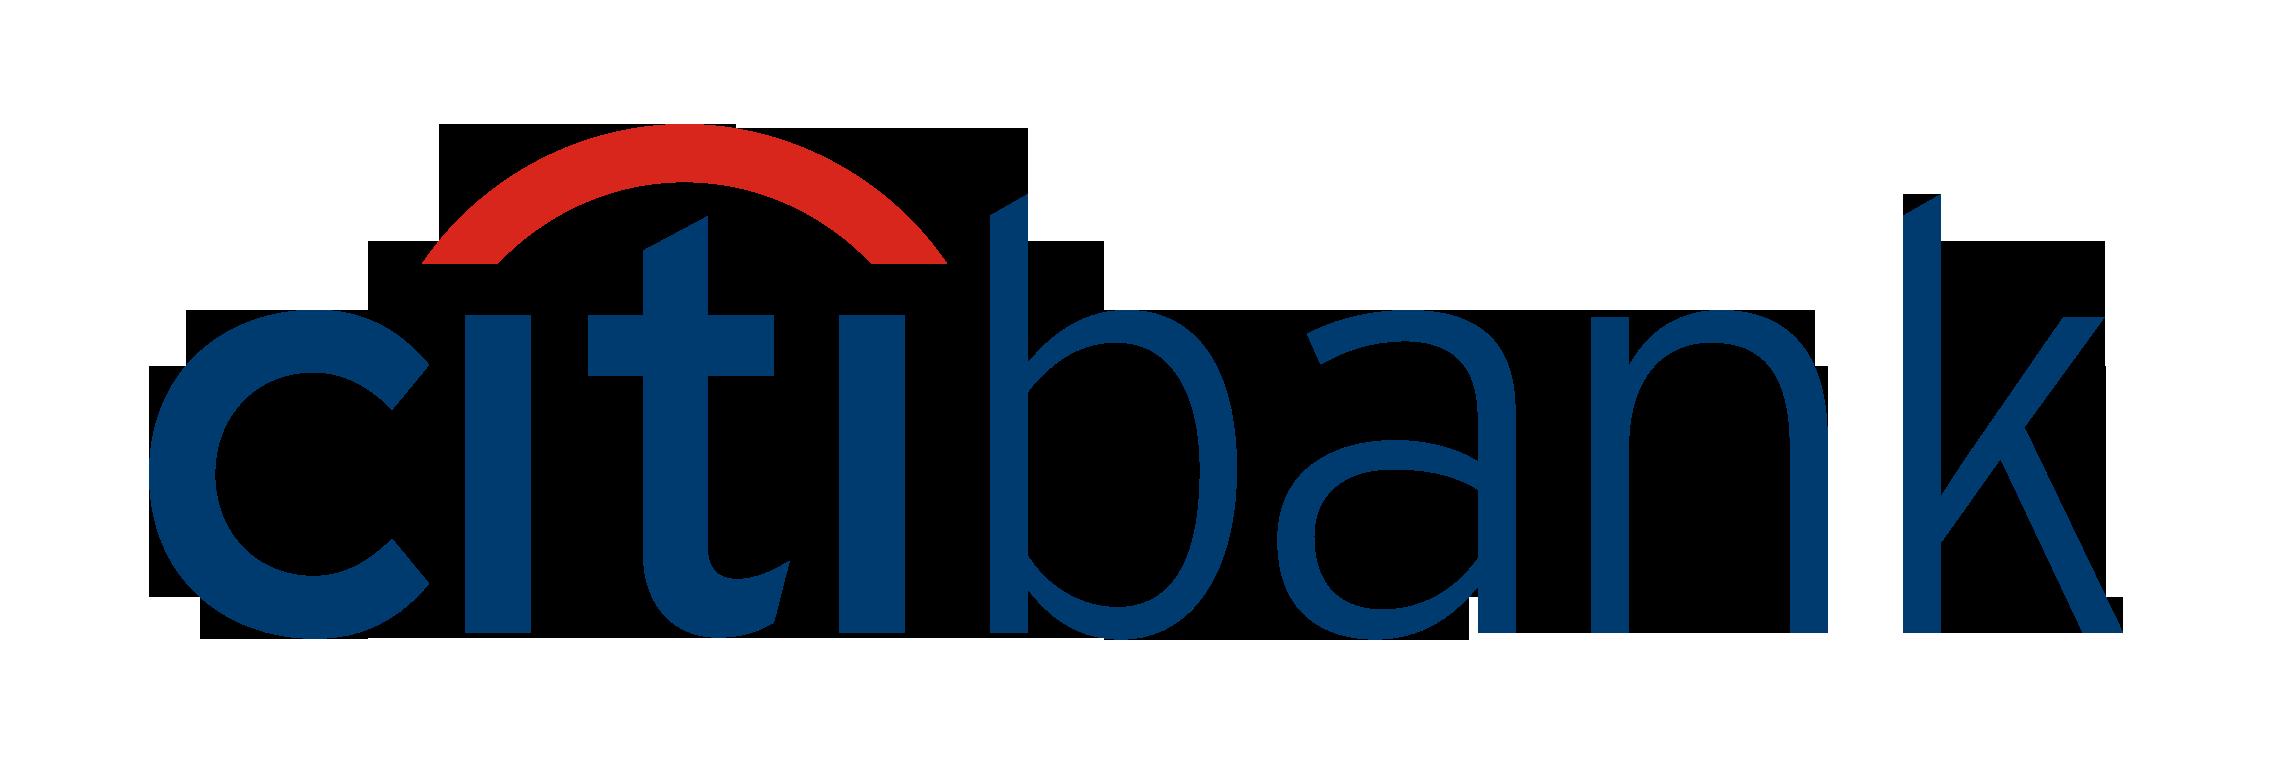 Logo Citibank được thiết kế đơn giản nhưng rất ấn tượng và ý nghĩa